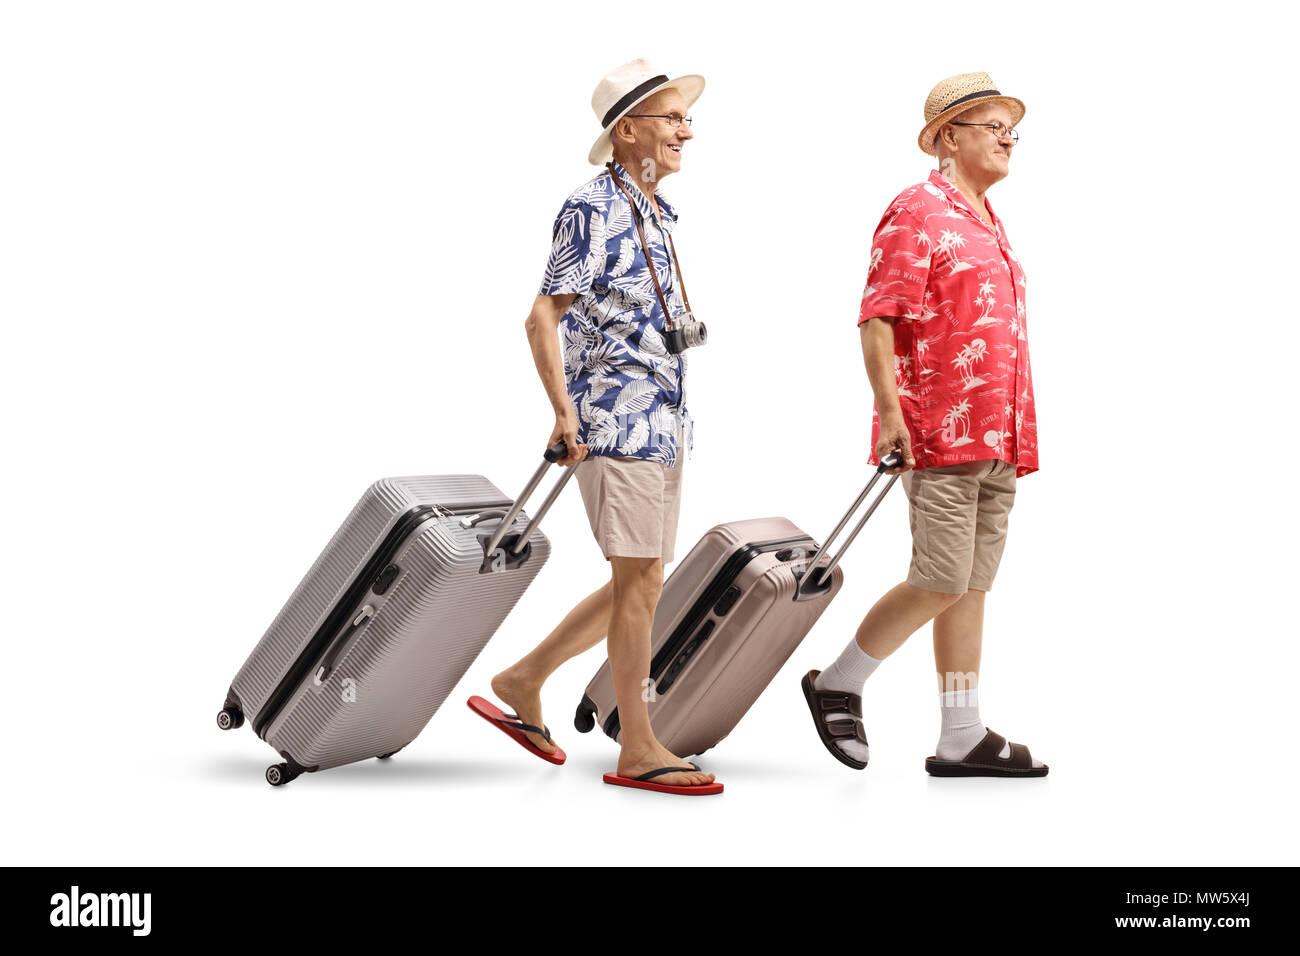 Profil de pleine longueur de balle deux personnes âgées touristes avec des valises à pied isolé sur fond blanc Photo Stock